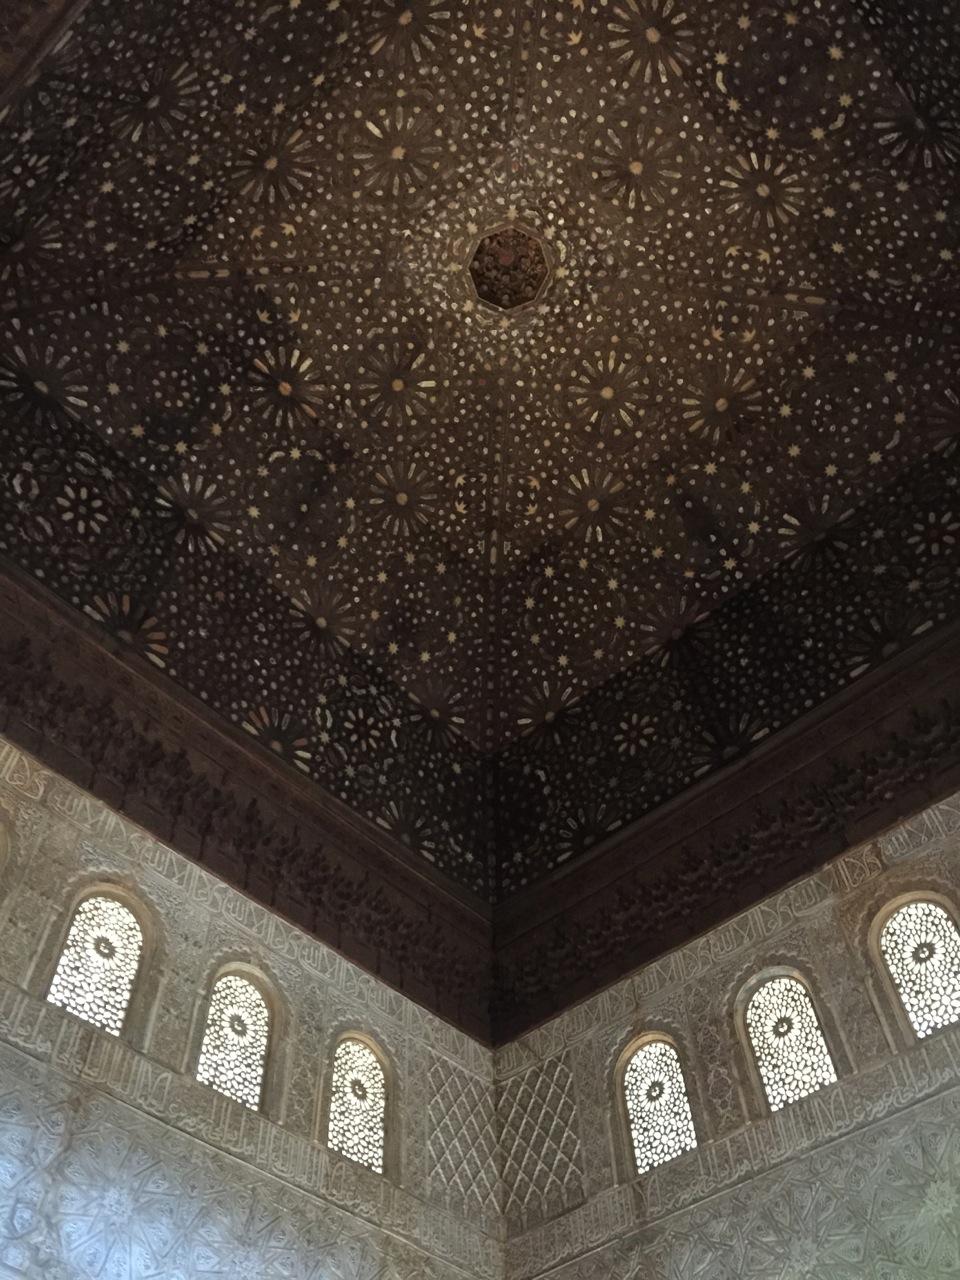 alhambra-ceiling-detail-stars.jpg